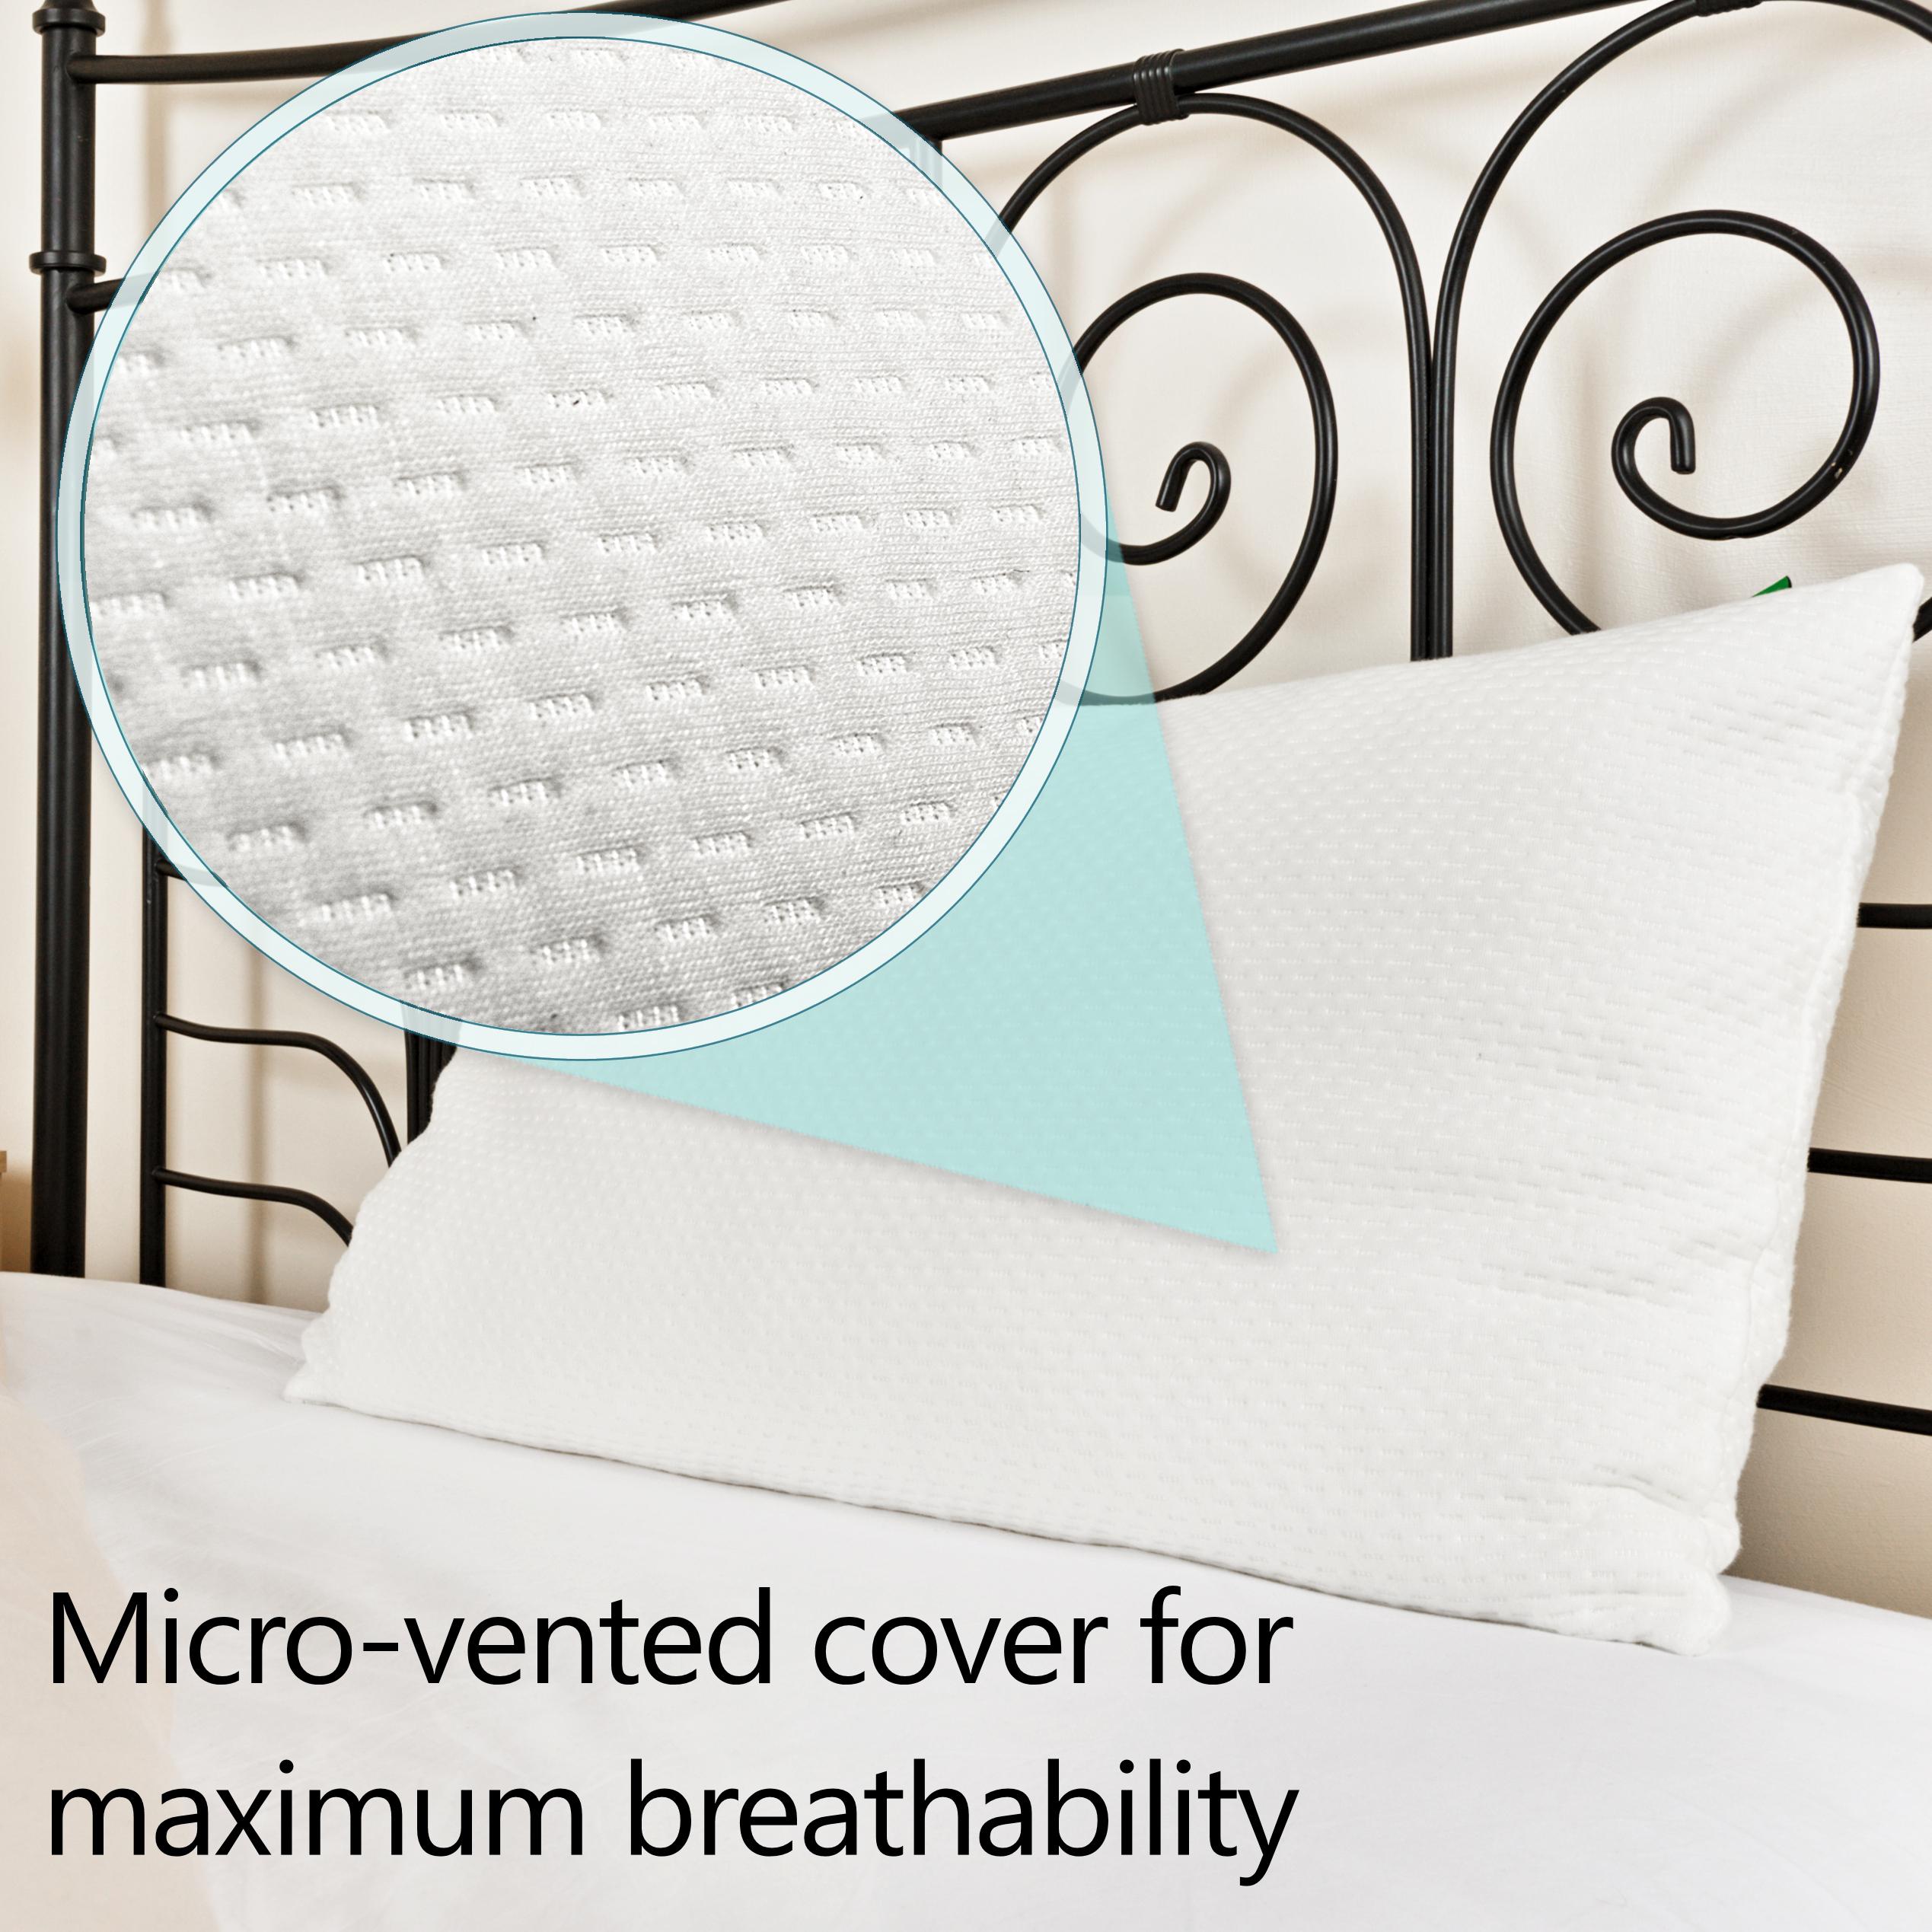 wayfair brand foam home bamboo becky default ienjoy pillow name cameron bnd memory reviews